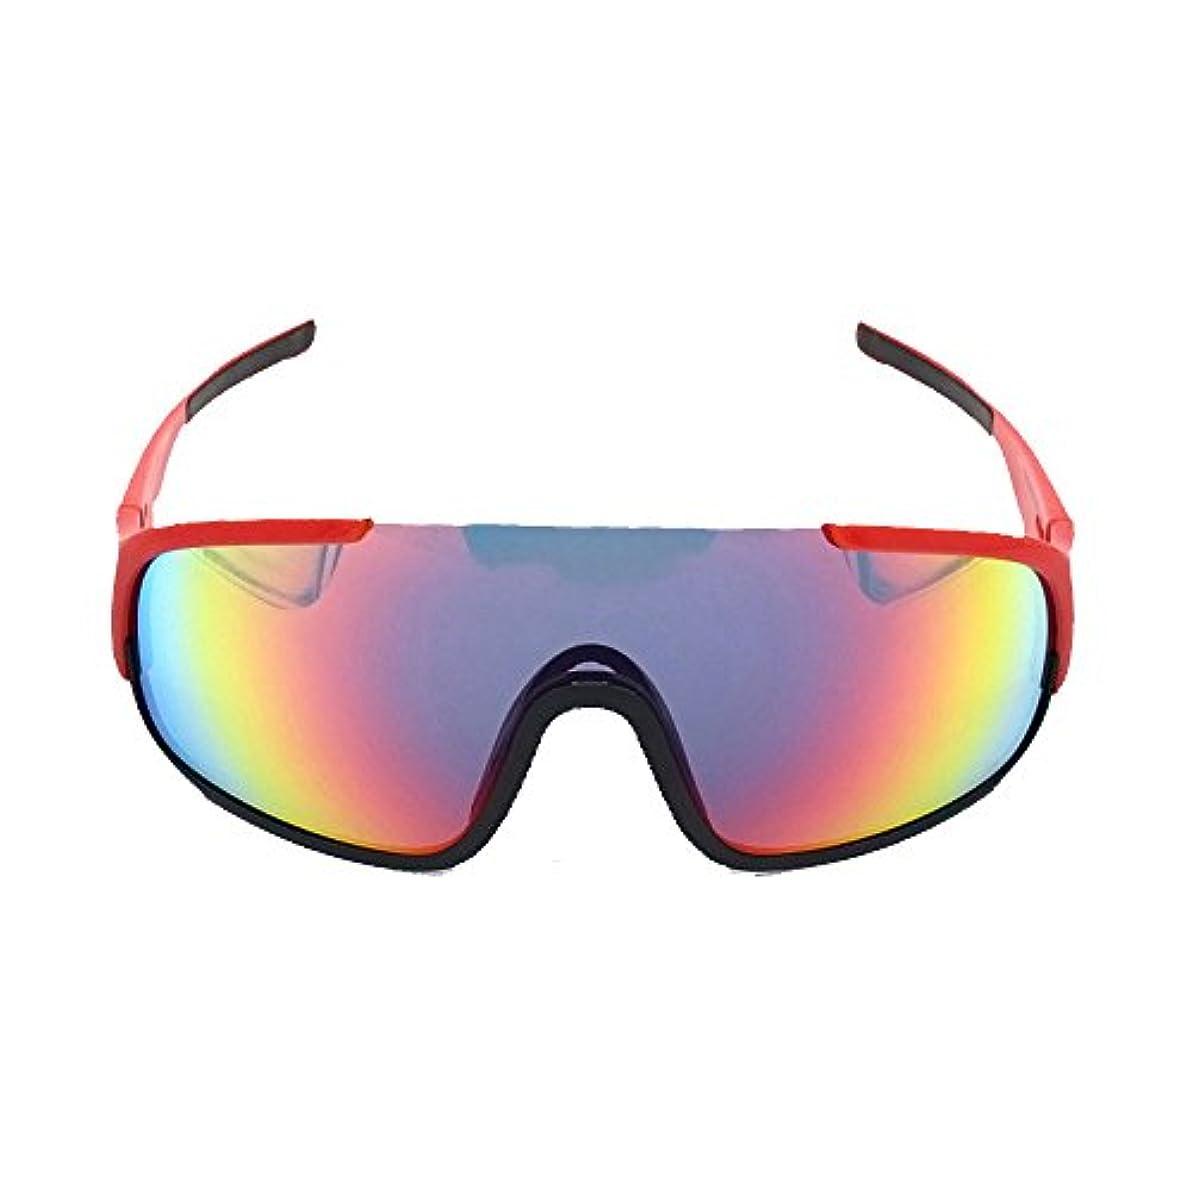 肥料いう胴体自転車用自転車自転車用自転車屋外用サイクリングの恋人に適した屋外用メガネ。